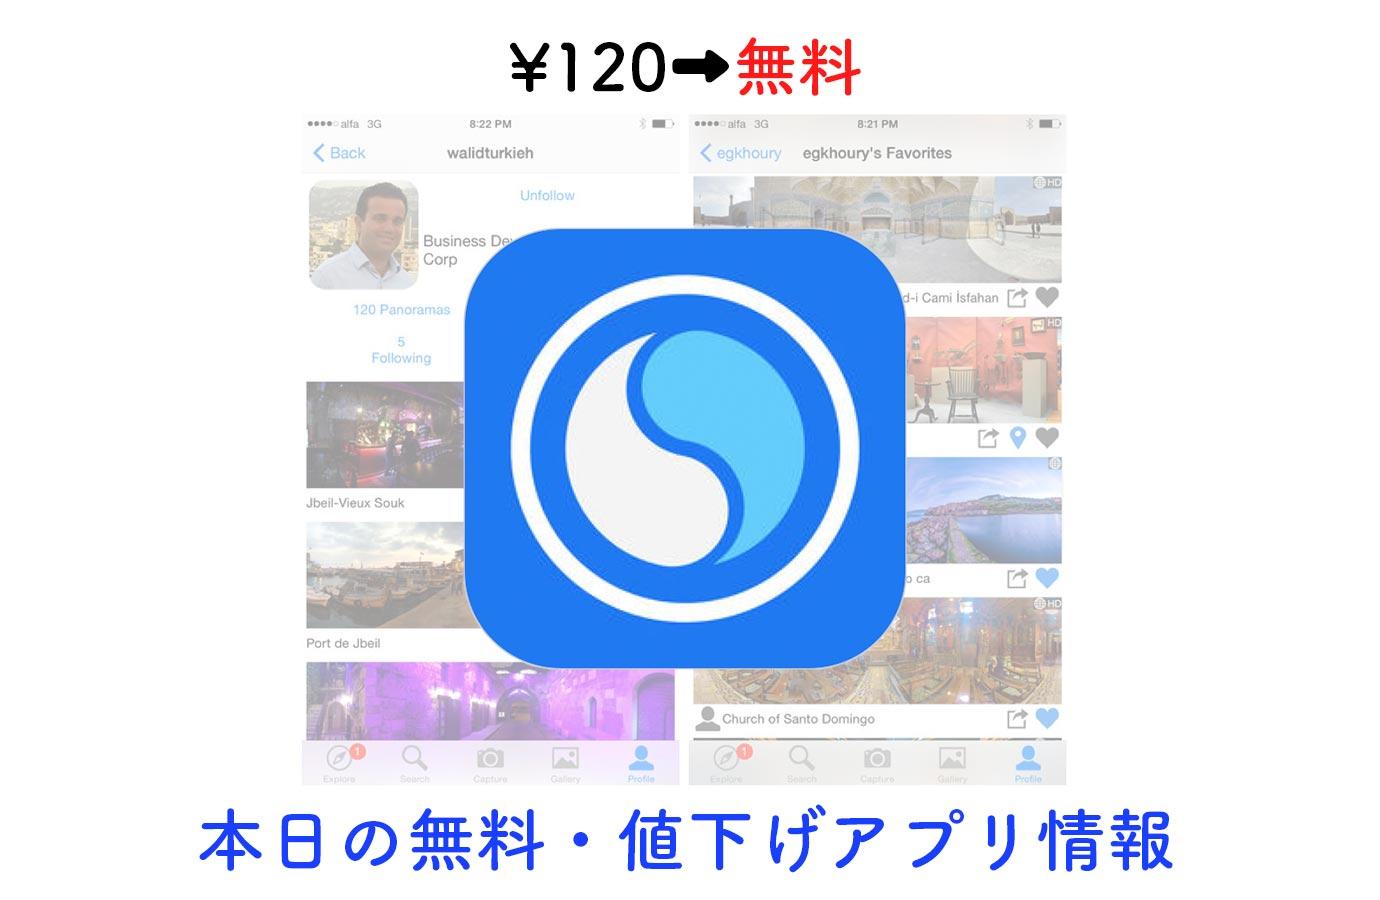 ¥250→無料、360度フルパノラマ写真を撮れるアプリ「DMD Panorama」など【11/10】本日の無料・値下げアプリ情報